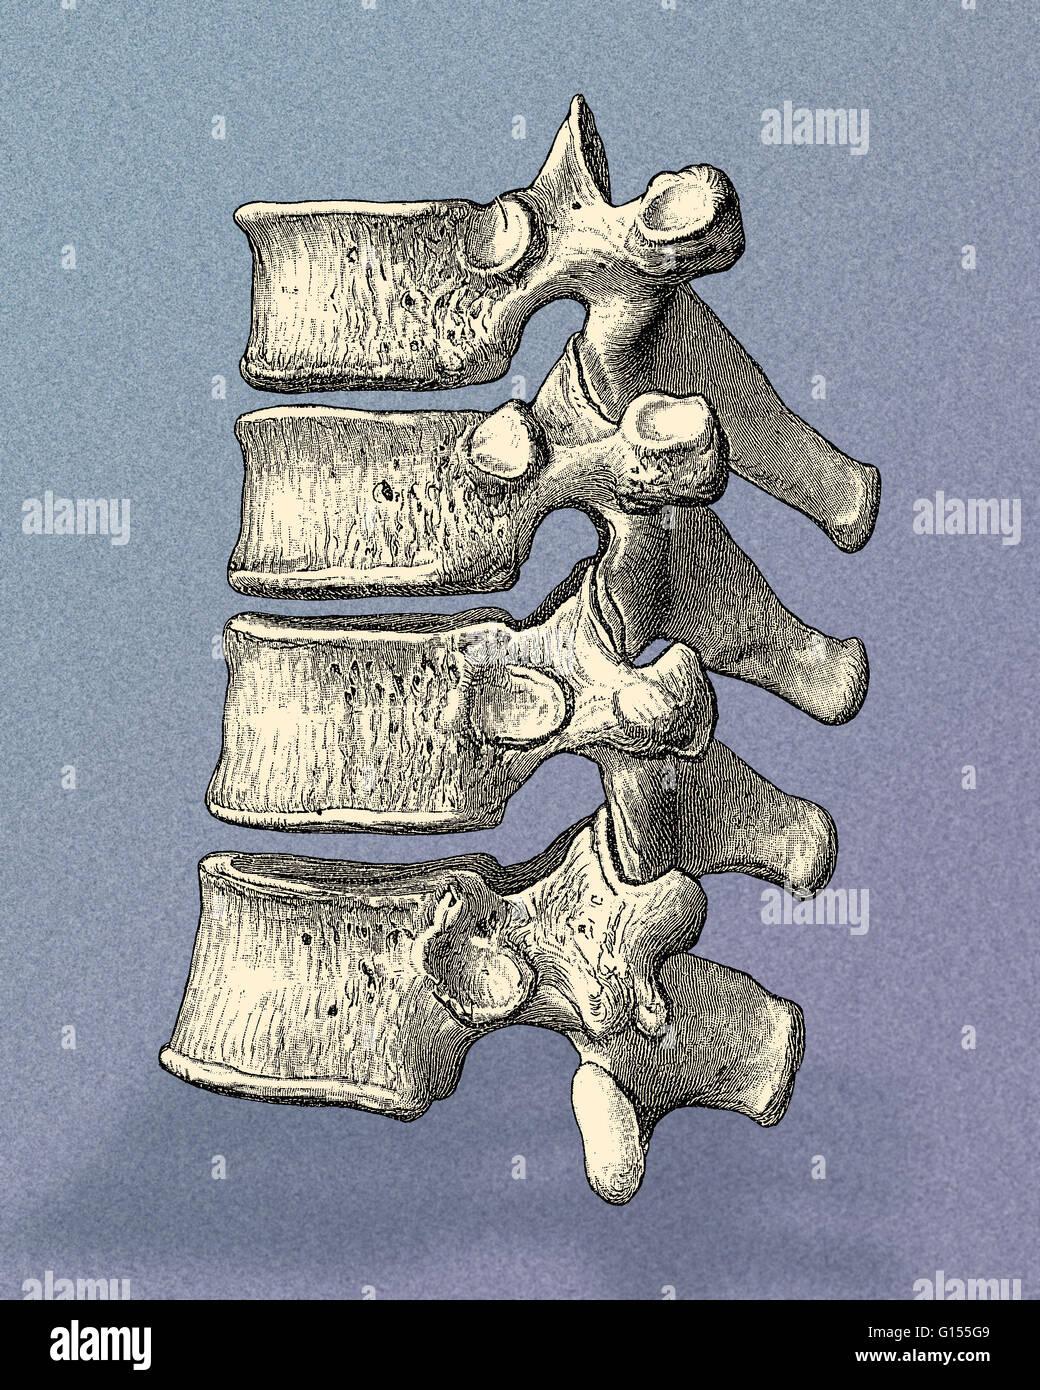 Sagittal view of healthy human vertebrae. Four vertebrae are seen ...